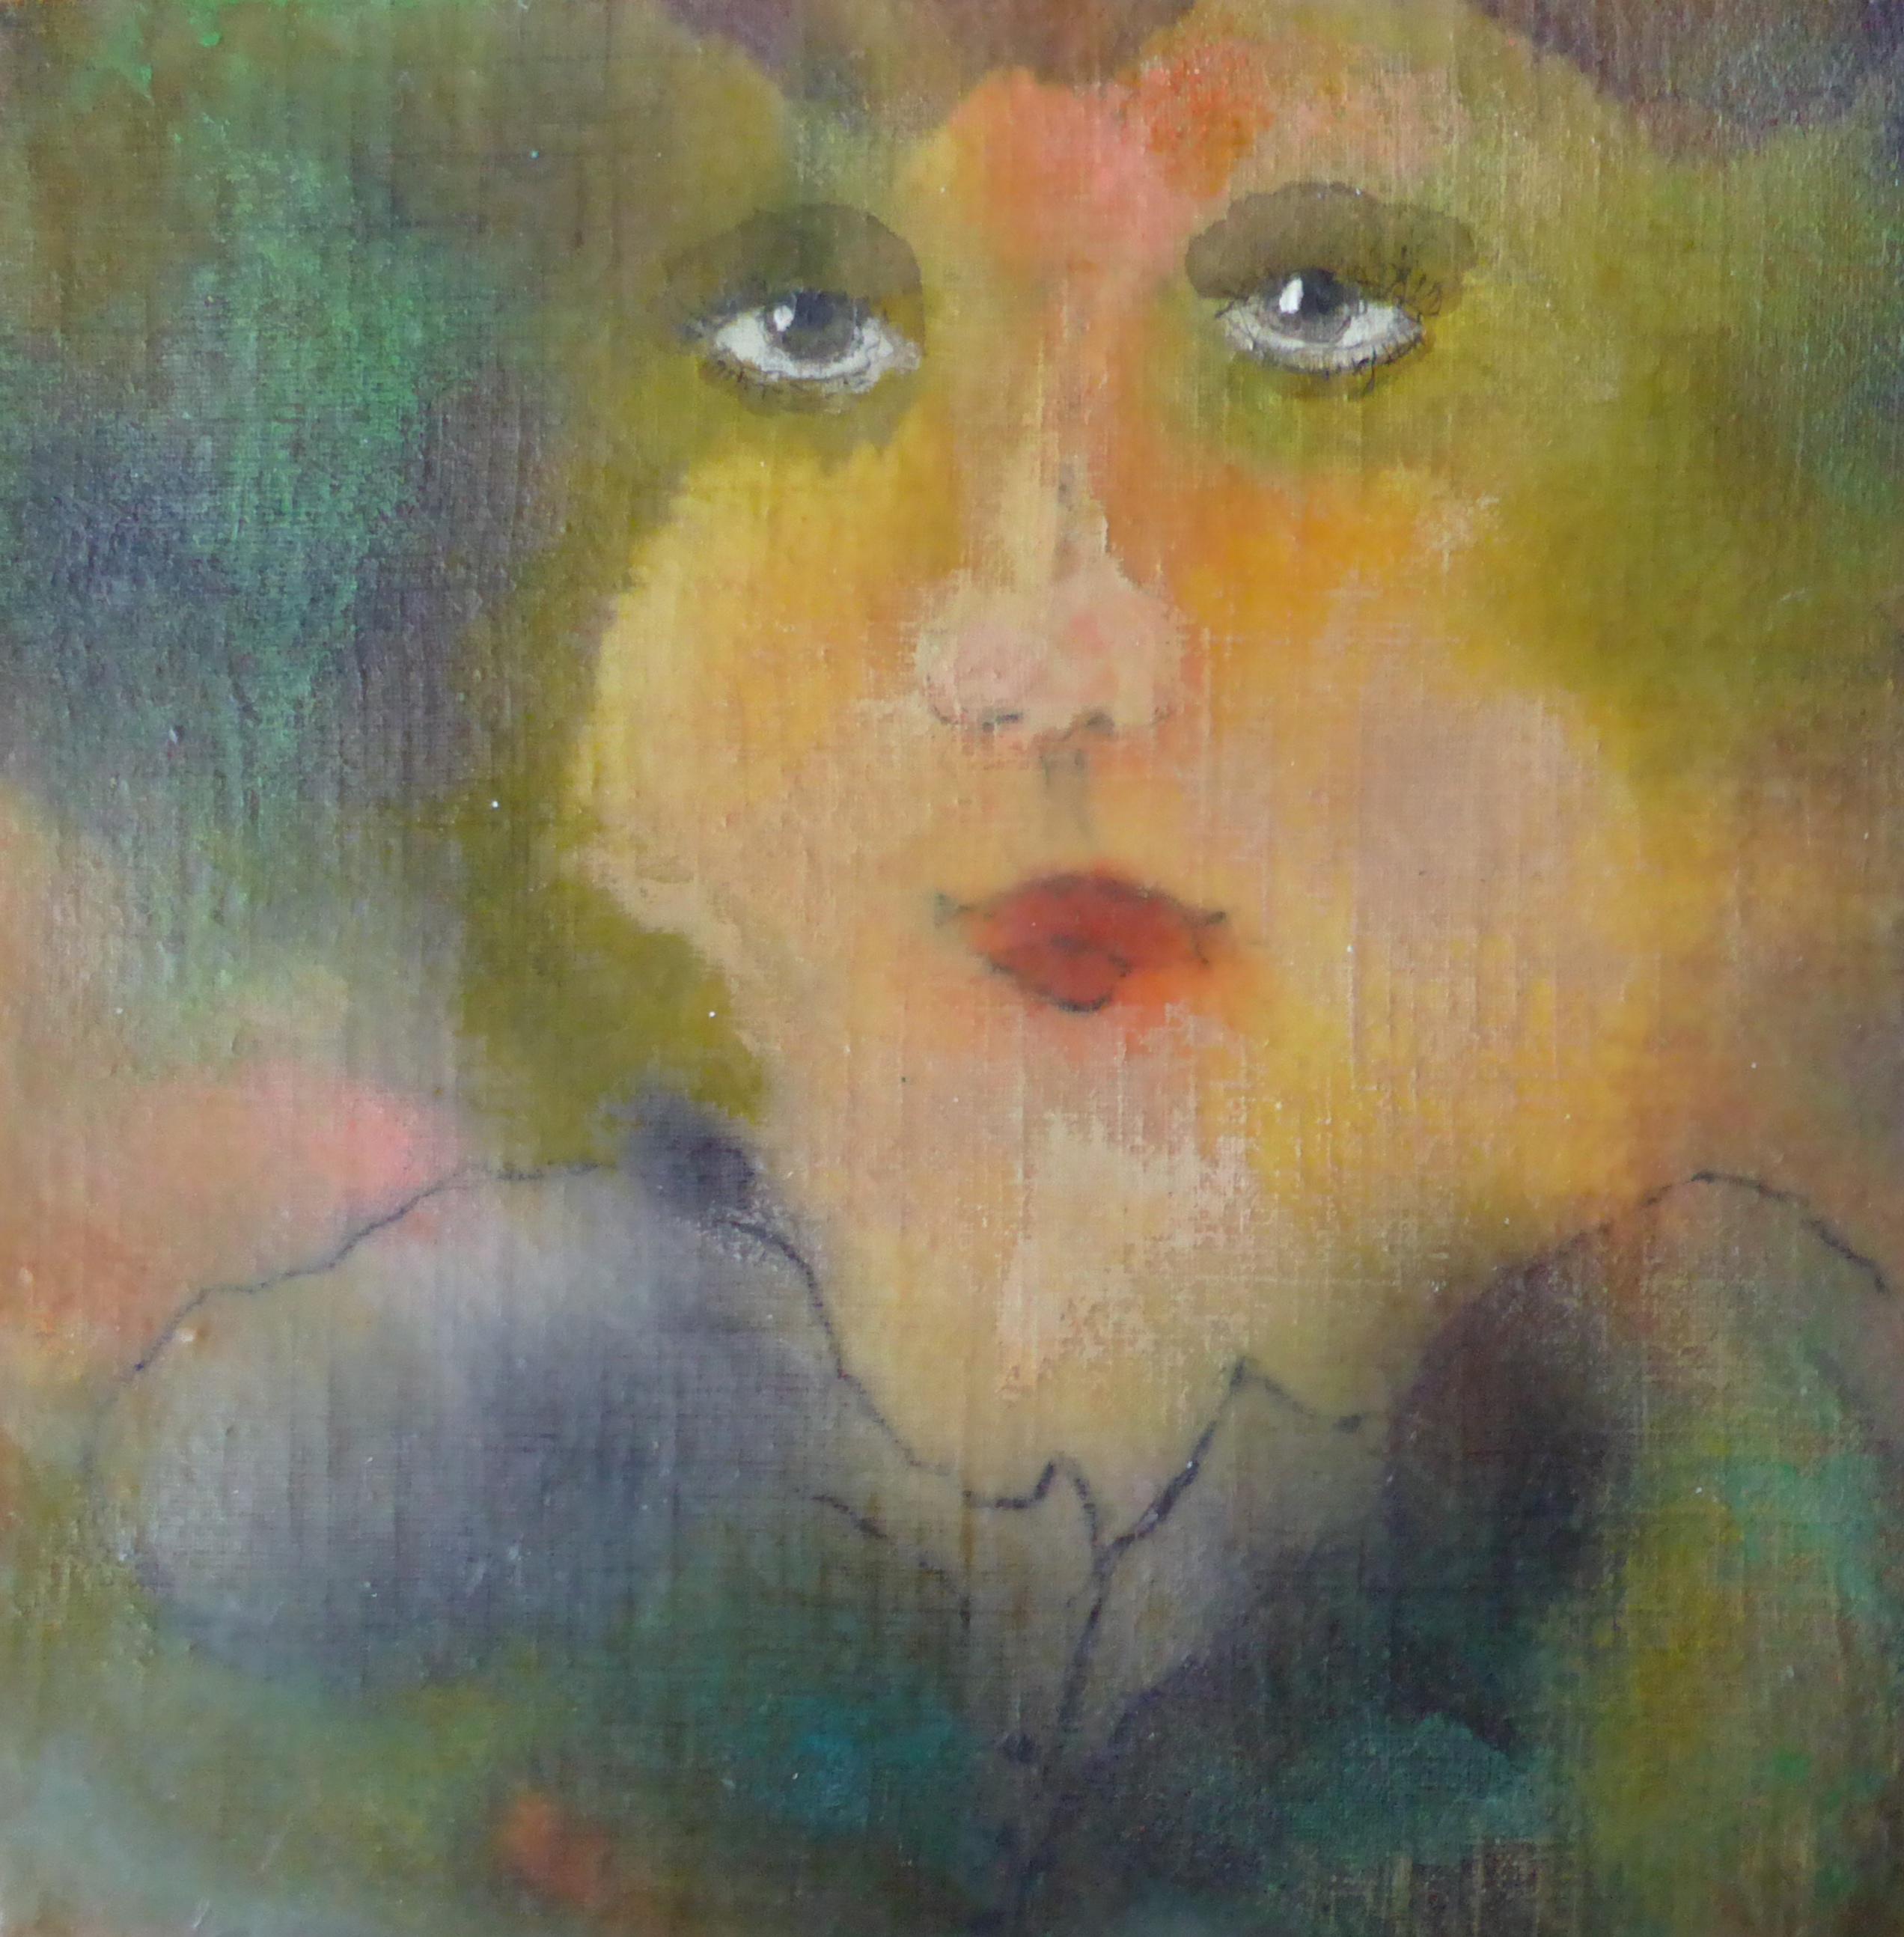 Portret 4 * Acryl, was en olie op linnen   21x21